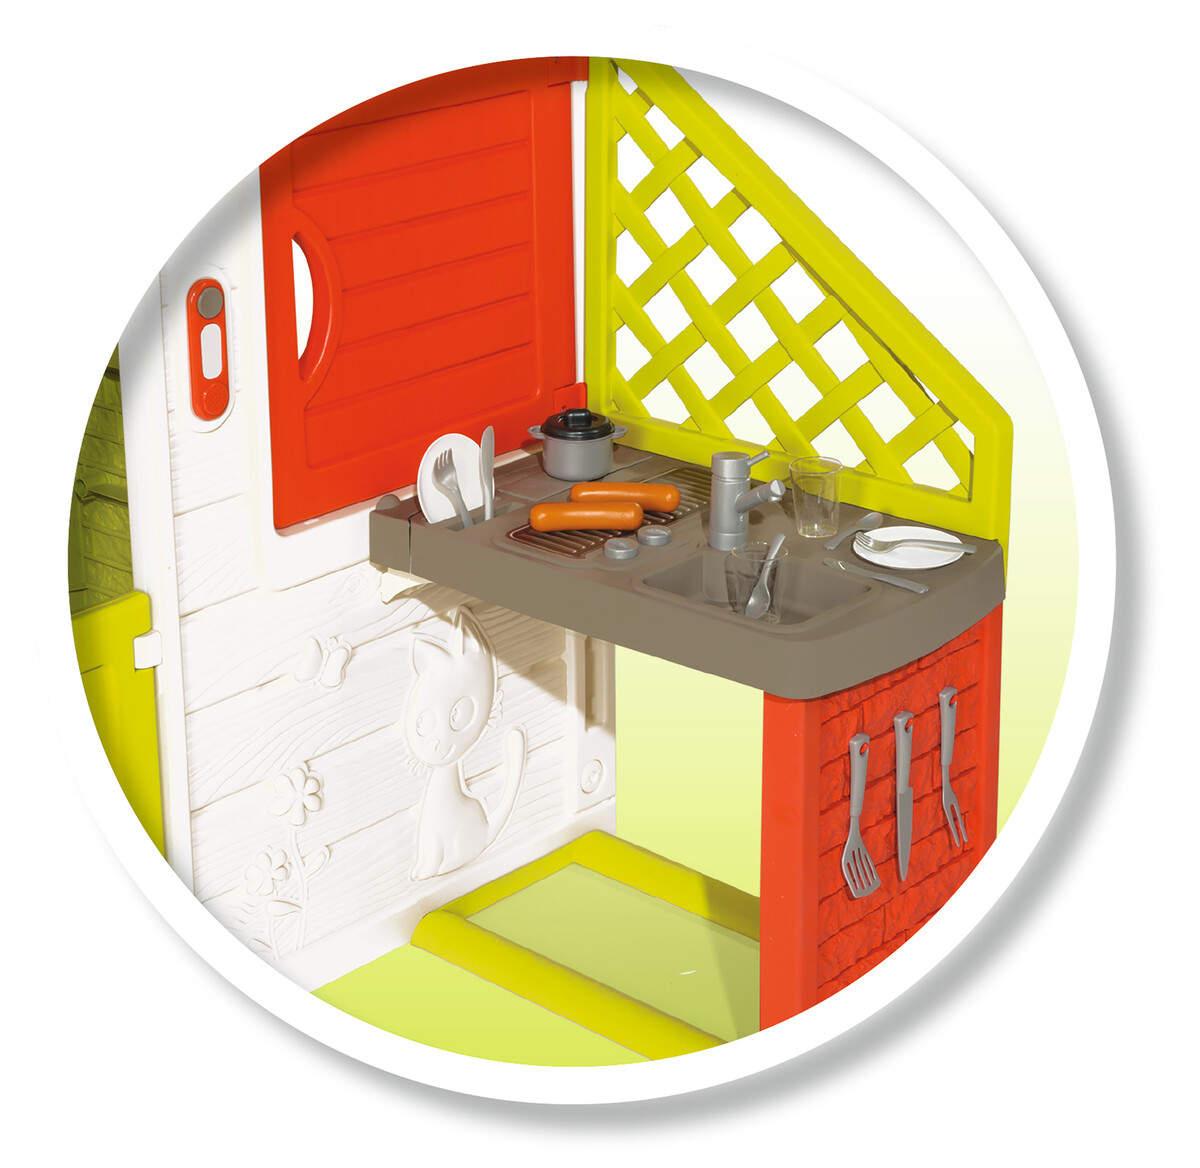 Domeček Neo Friends House s kuchyní rozšiřitelný